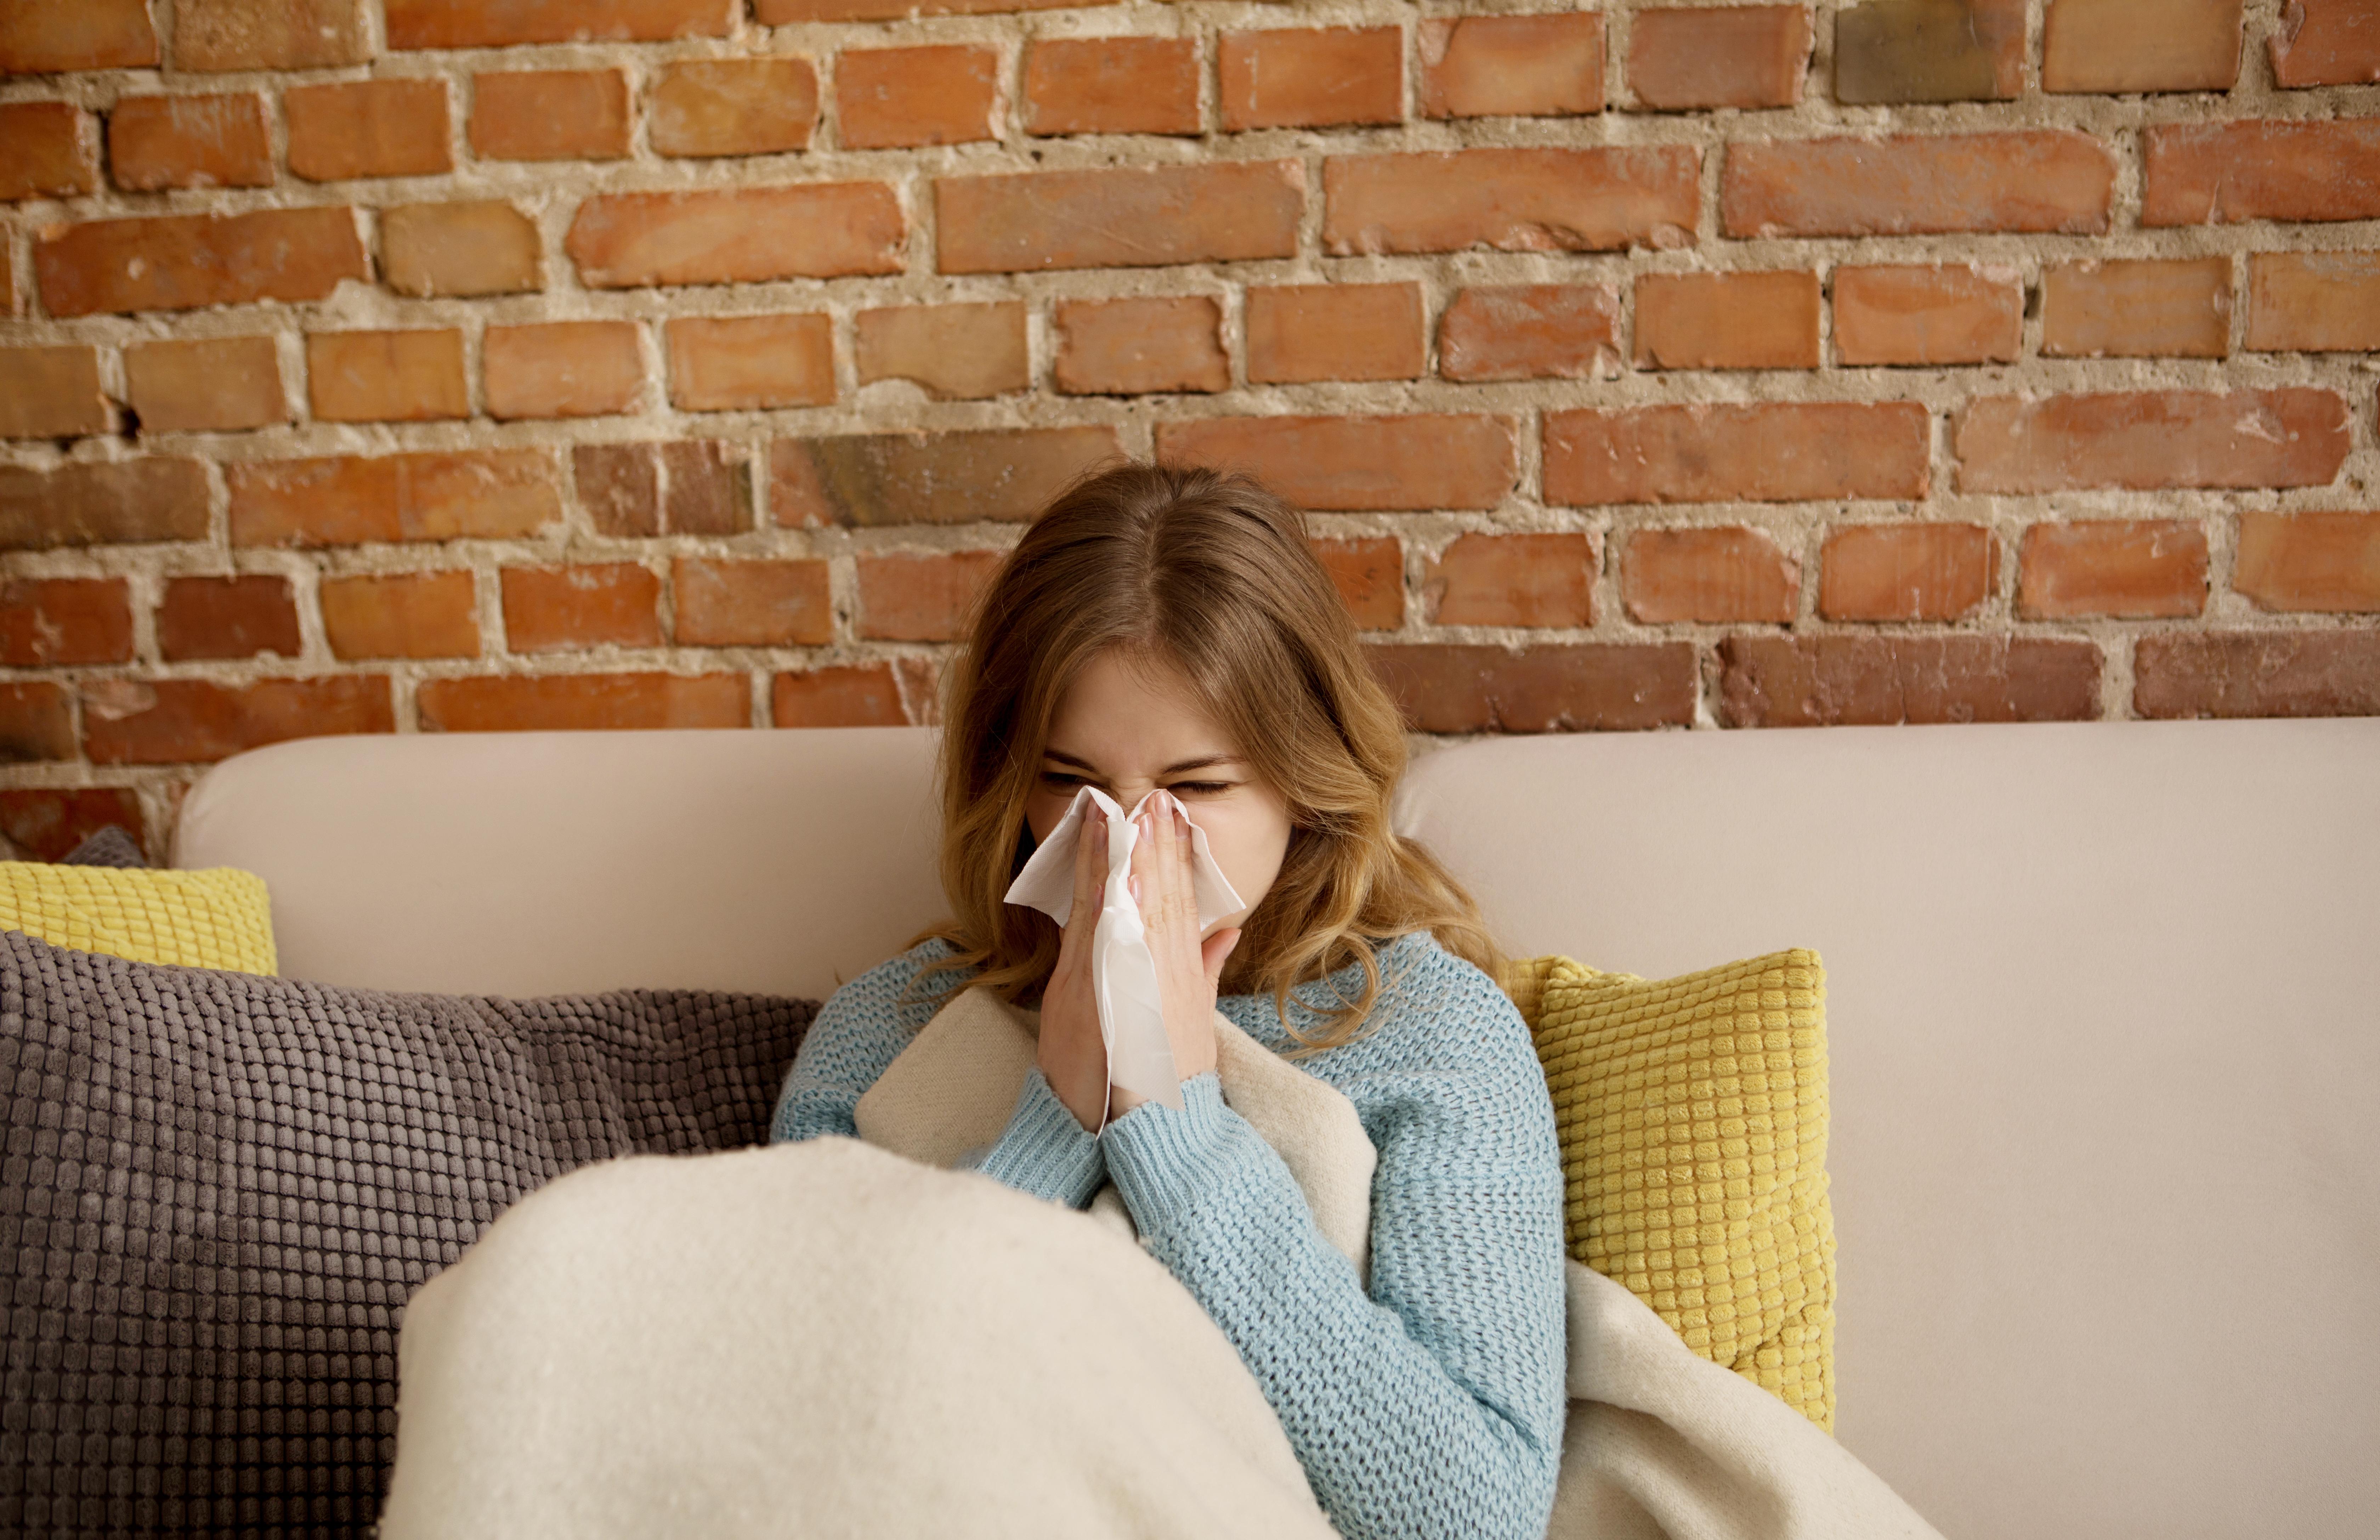 Folkhälsomyndigheten rekommenderar dig som tillhör en riskgrupp att vaccinera dig mot influensa. Det gäller både vuxna och barn.